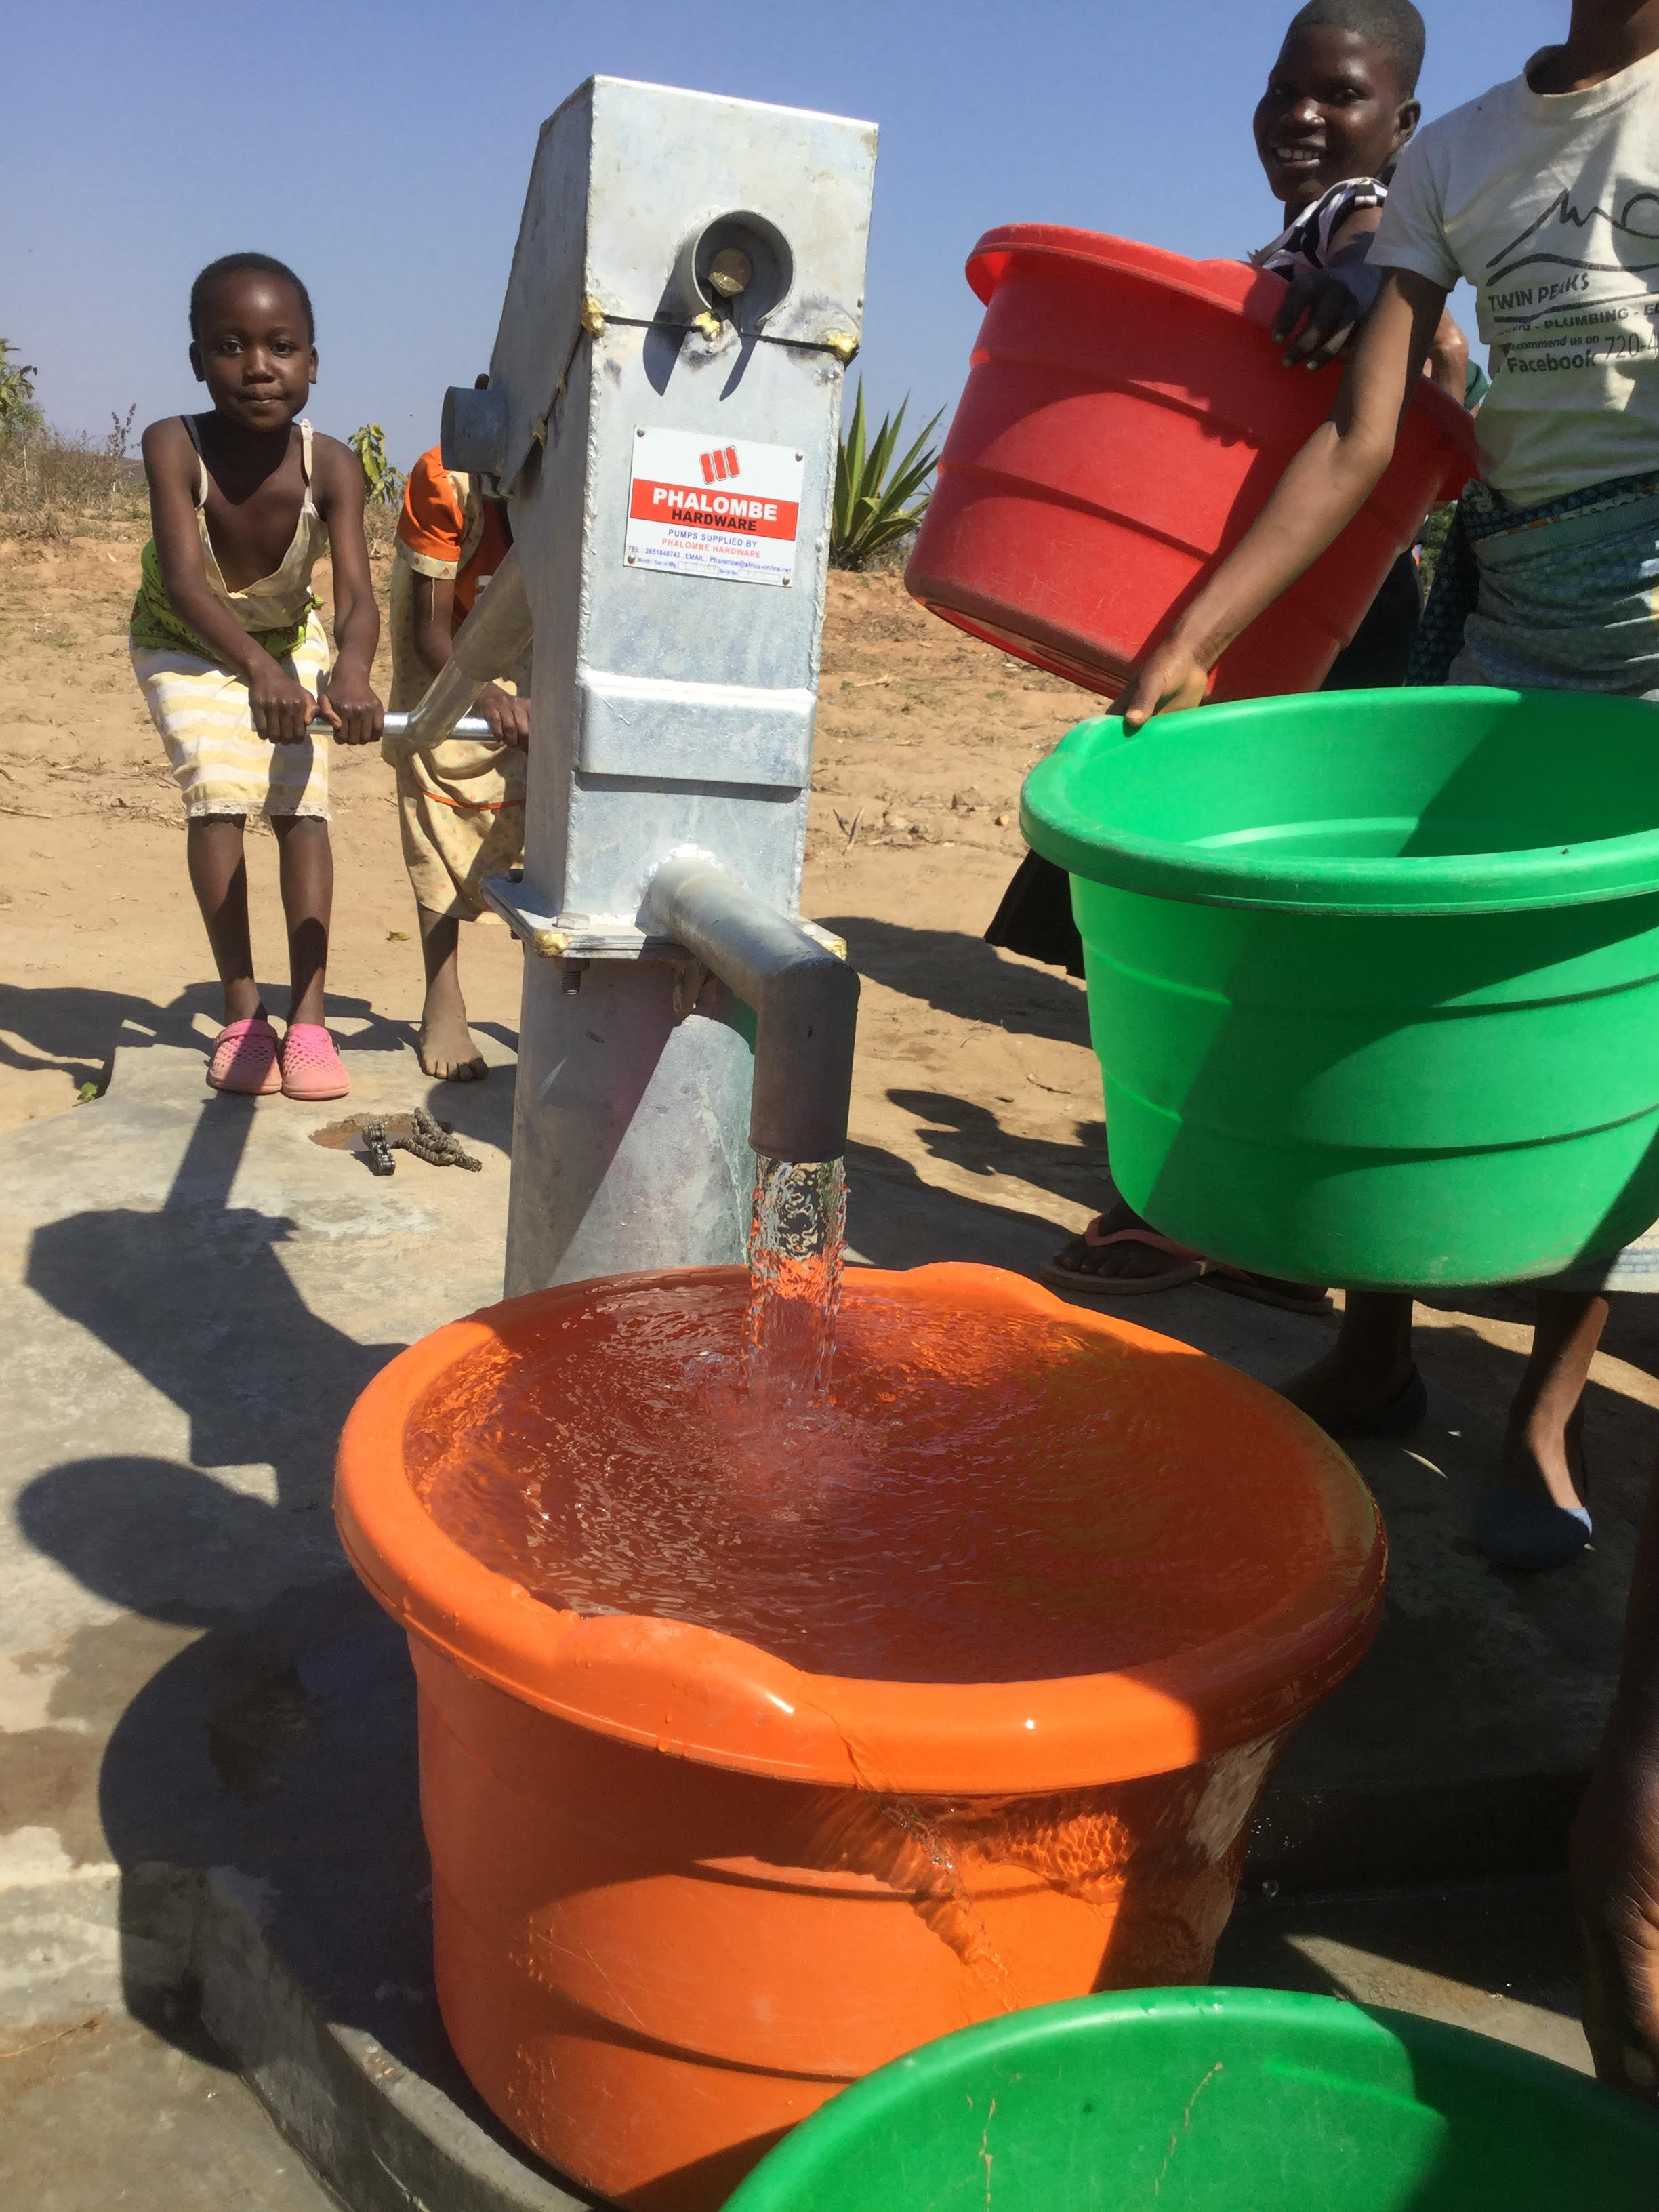 Image 9 girl pumping water